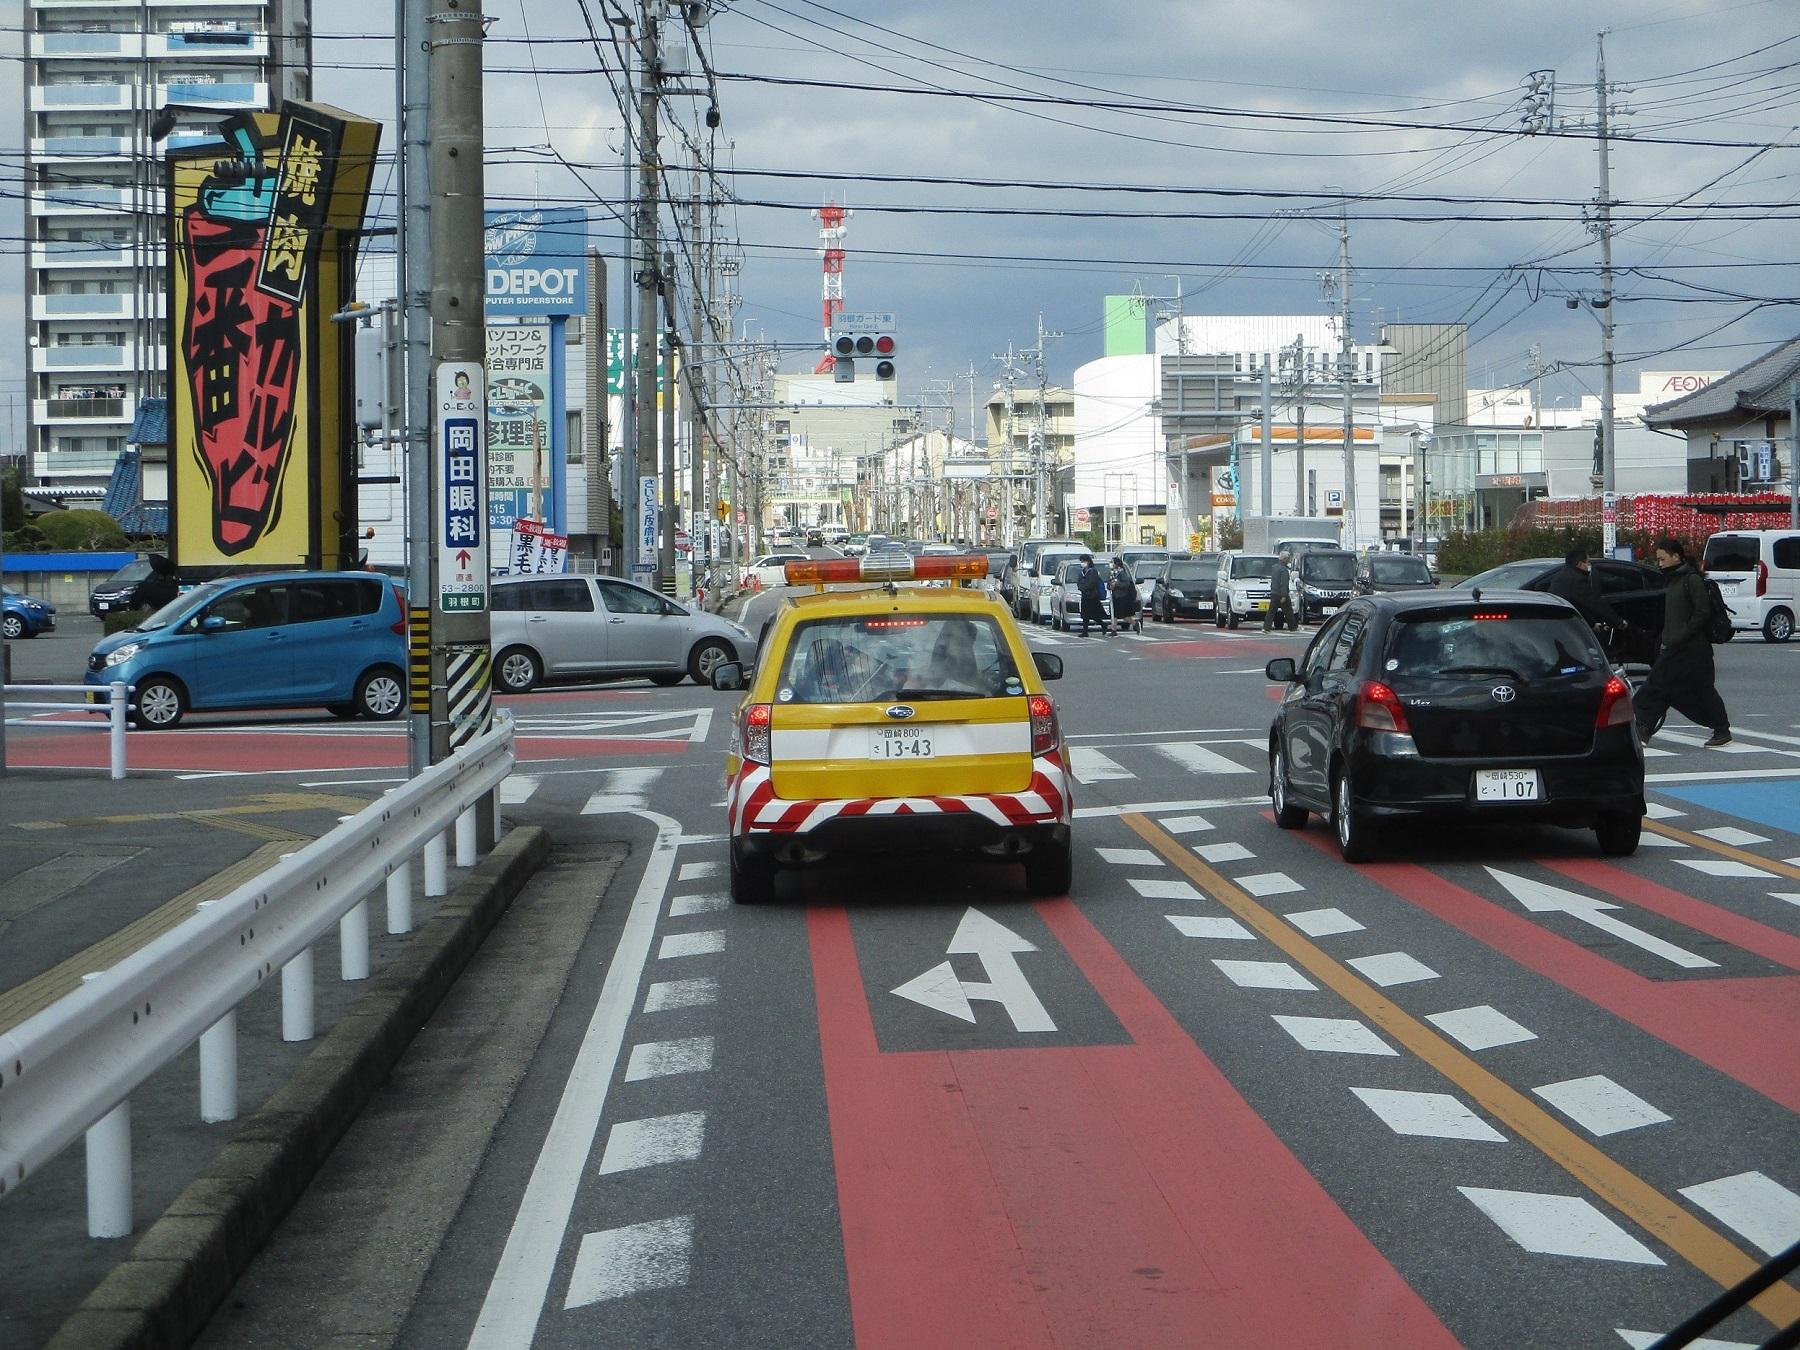 2020.2.26 (61) 東名岩津いきバス - 羽根ガード東交差点を直進 1800-1350